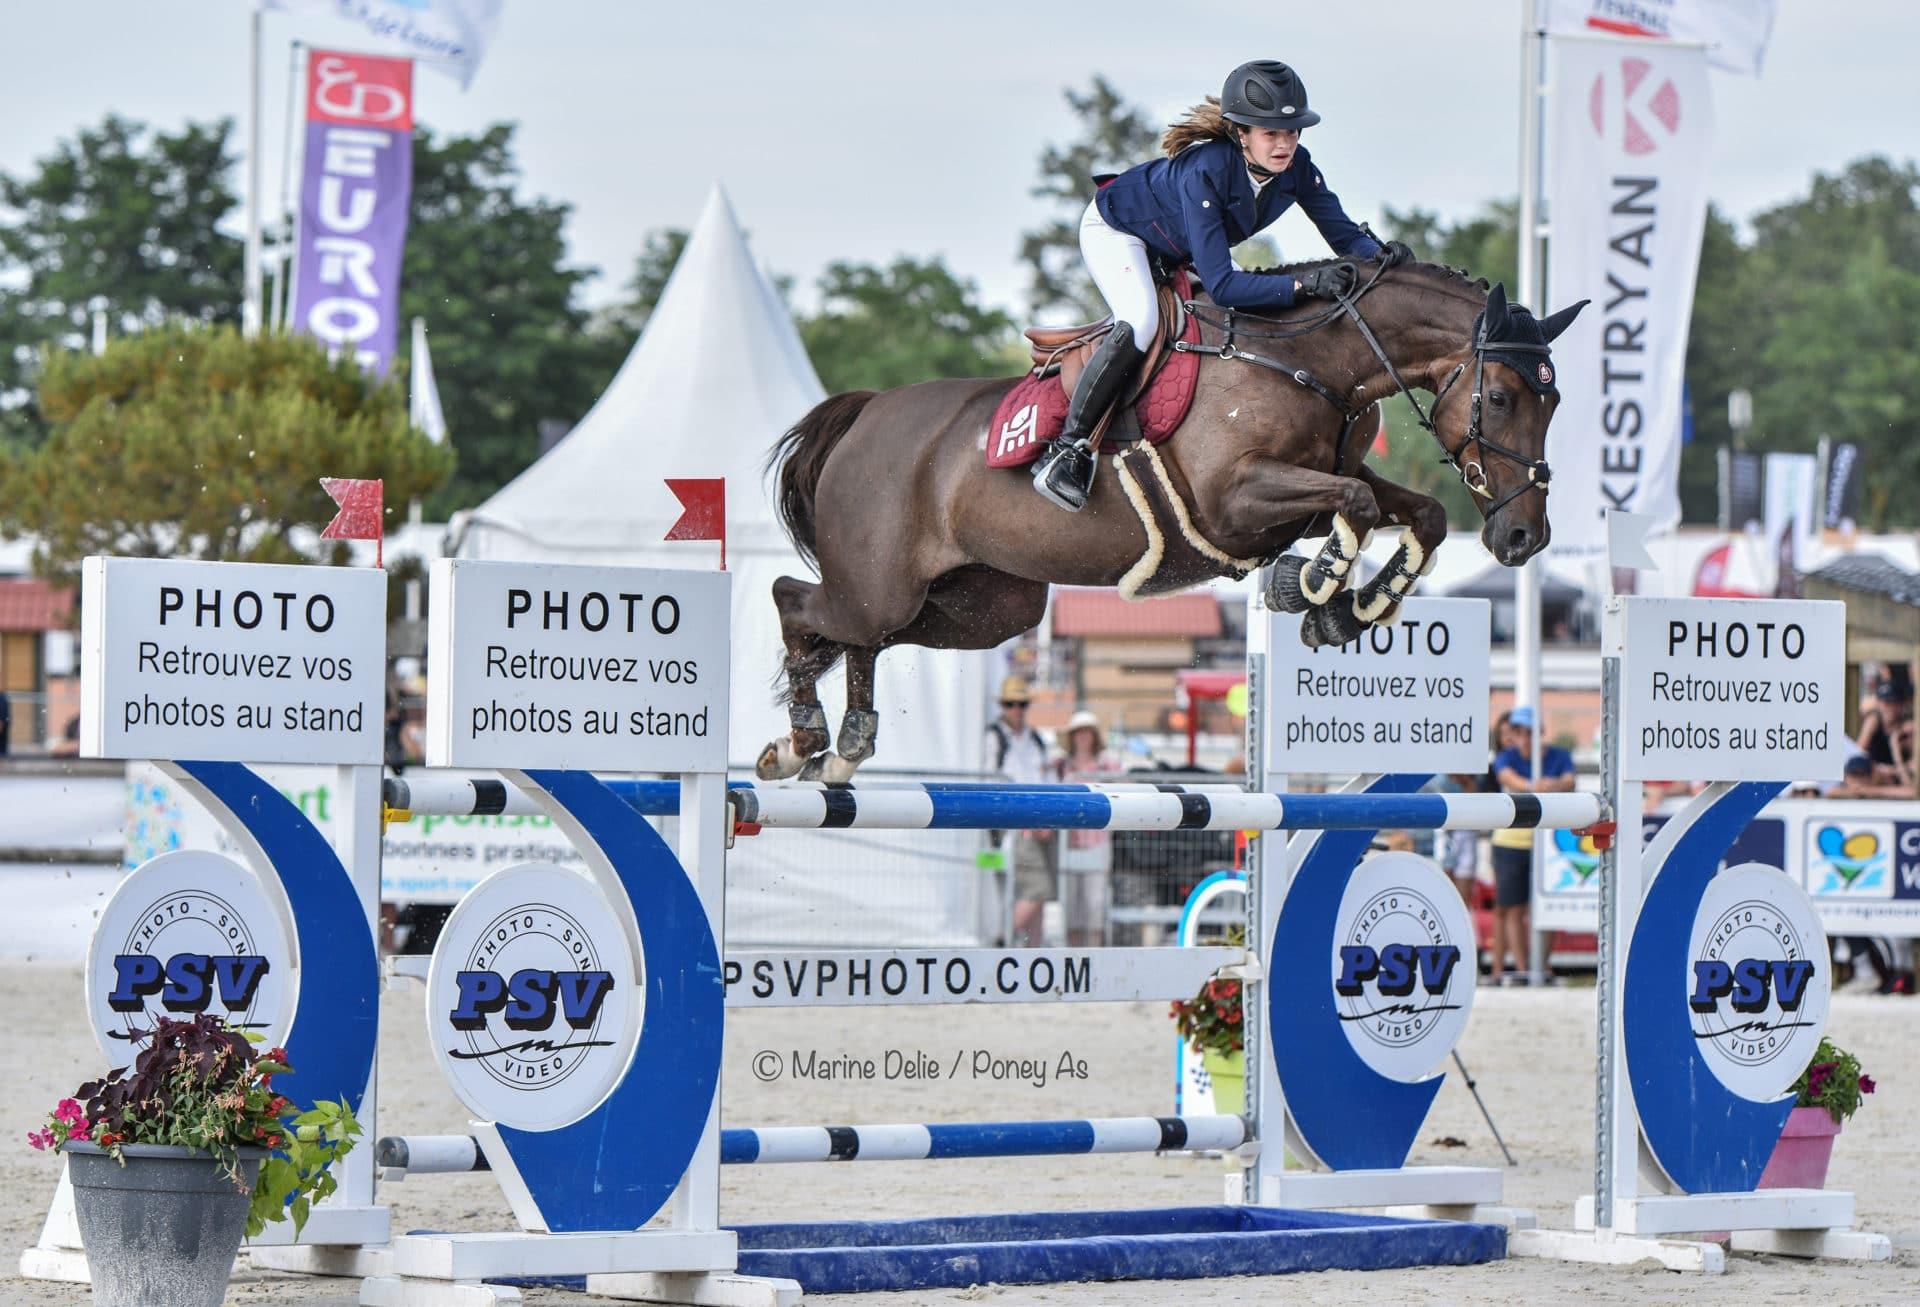 image00001 1920x1307 - Notre ambassadrice médaillée de bronze aux championnats d'Europe !